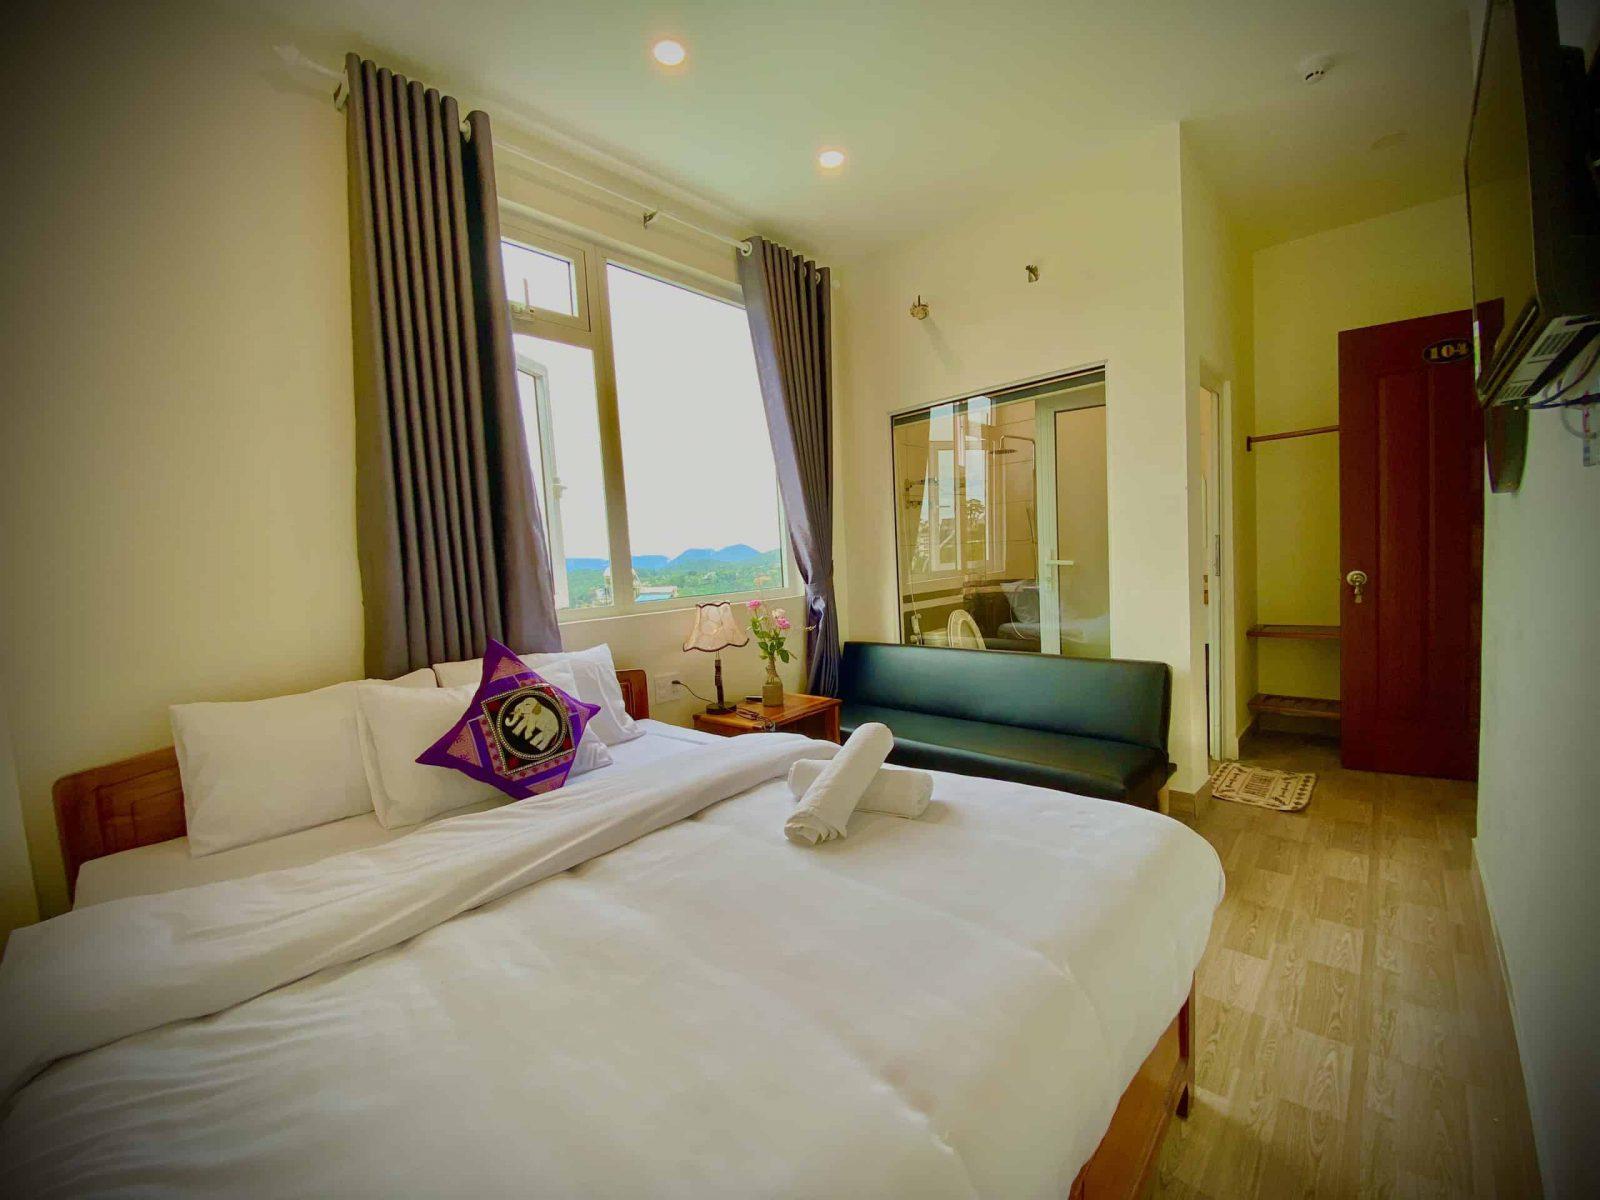 nội thất trong phòng khách sạn giấc mơ hồng